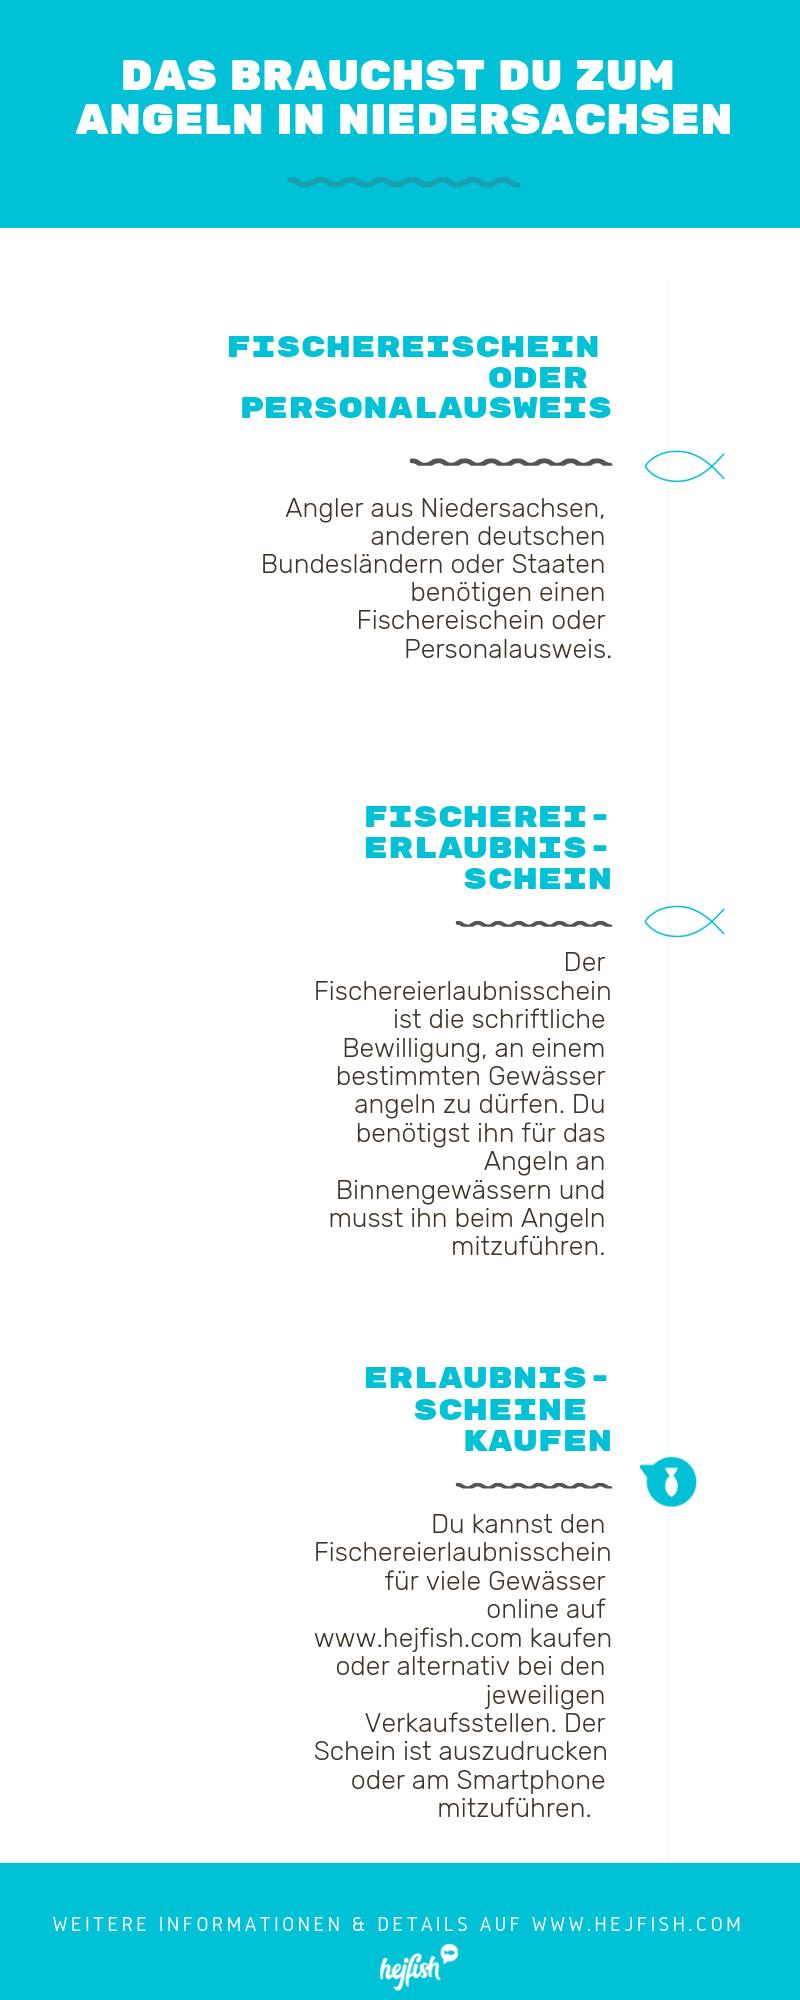 Das brauchst du zum Angeln in Niedersachsen 2019